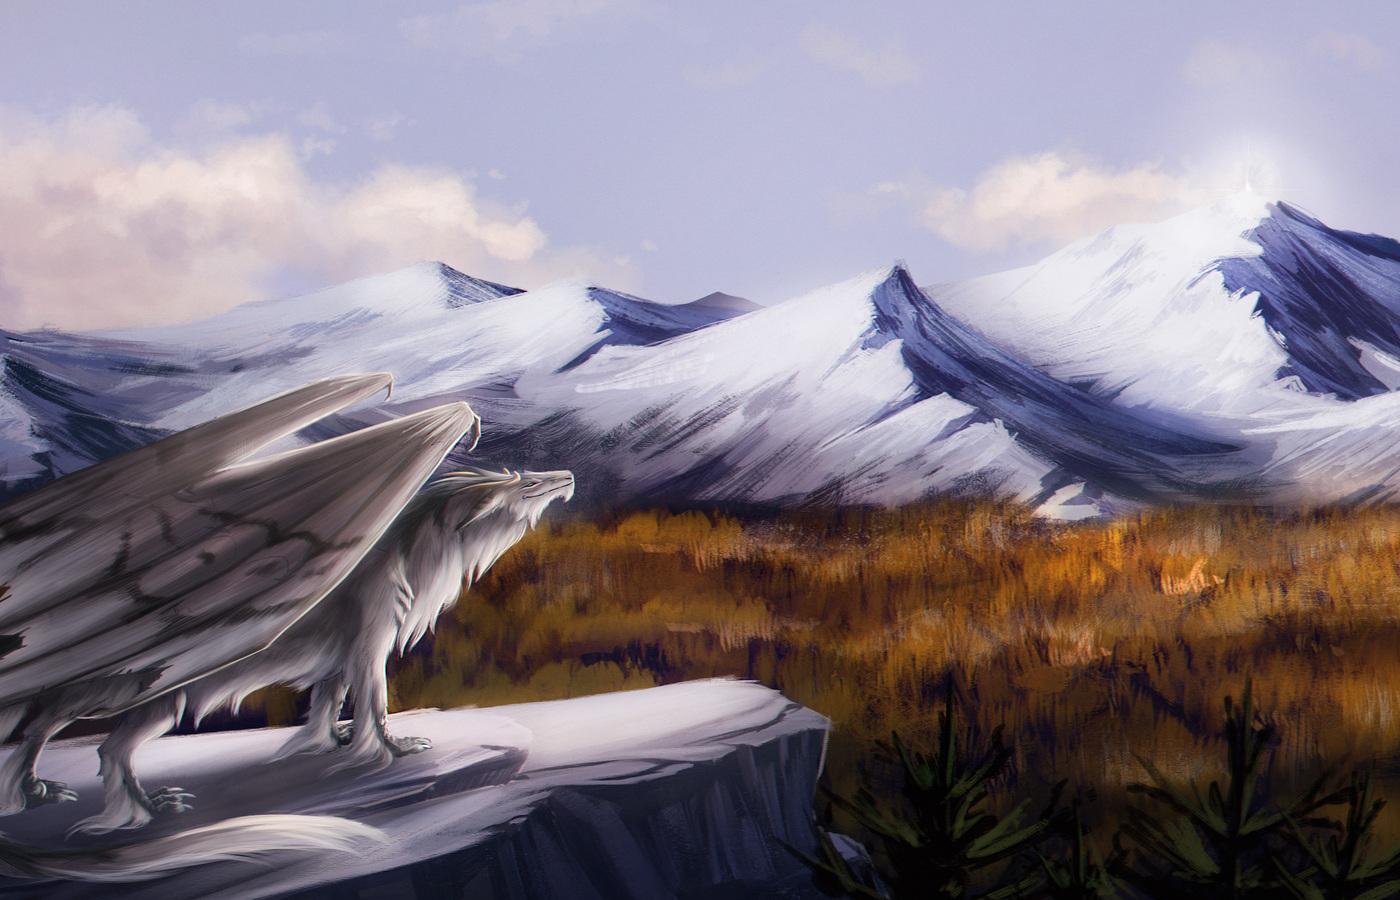 dragon-feral-landscape-fantasy-mountain-art-5k-pv.jpg